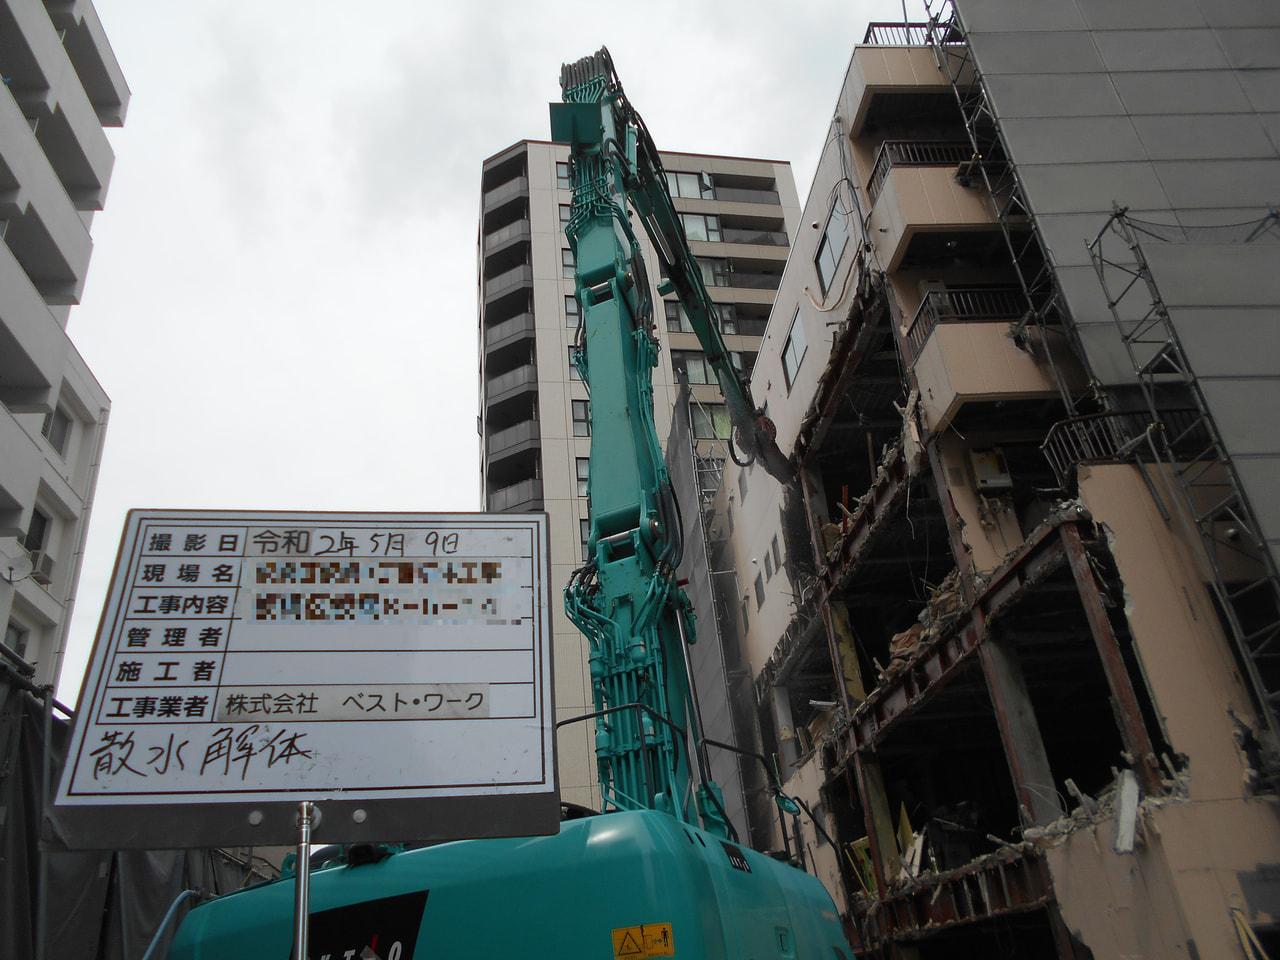 板橋区 鉄骨造解体工事 解体前